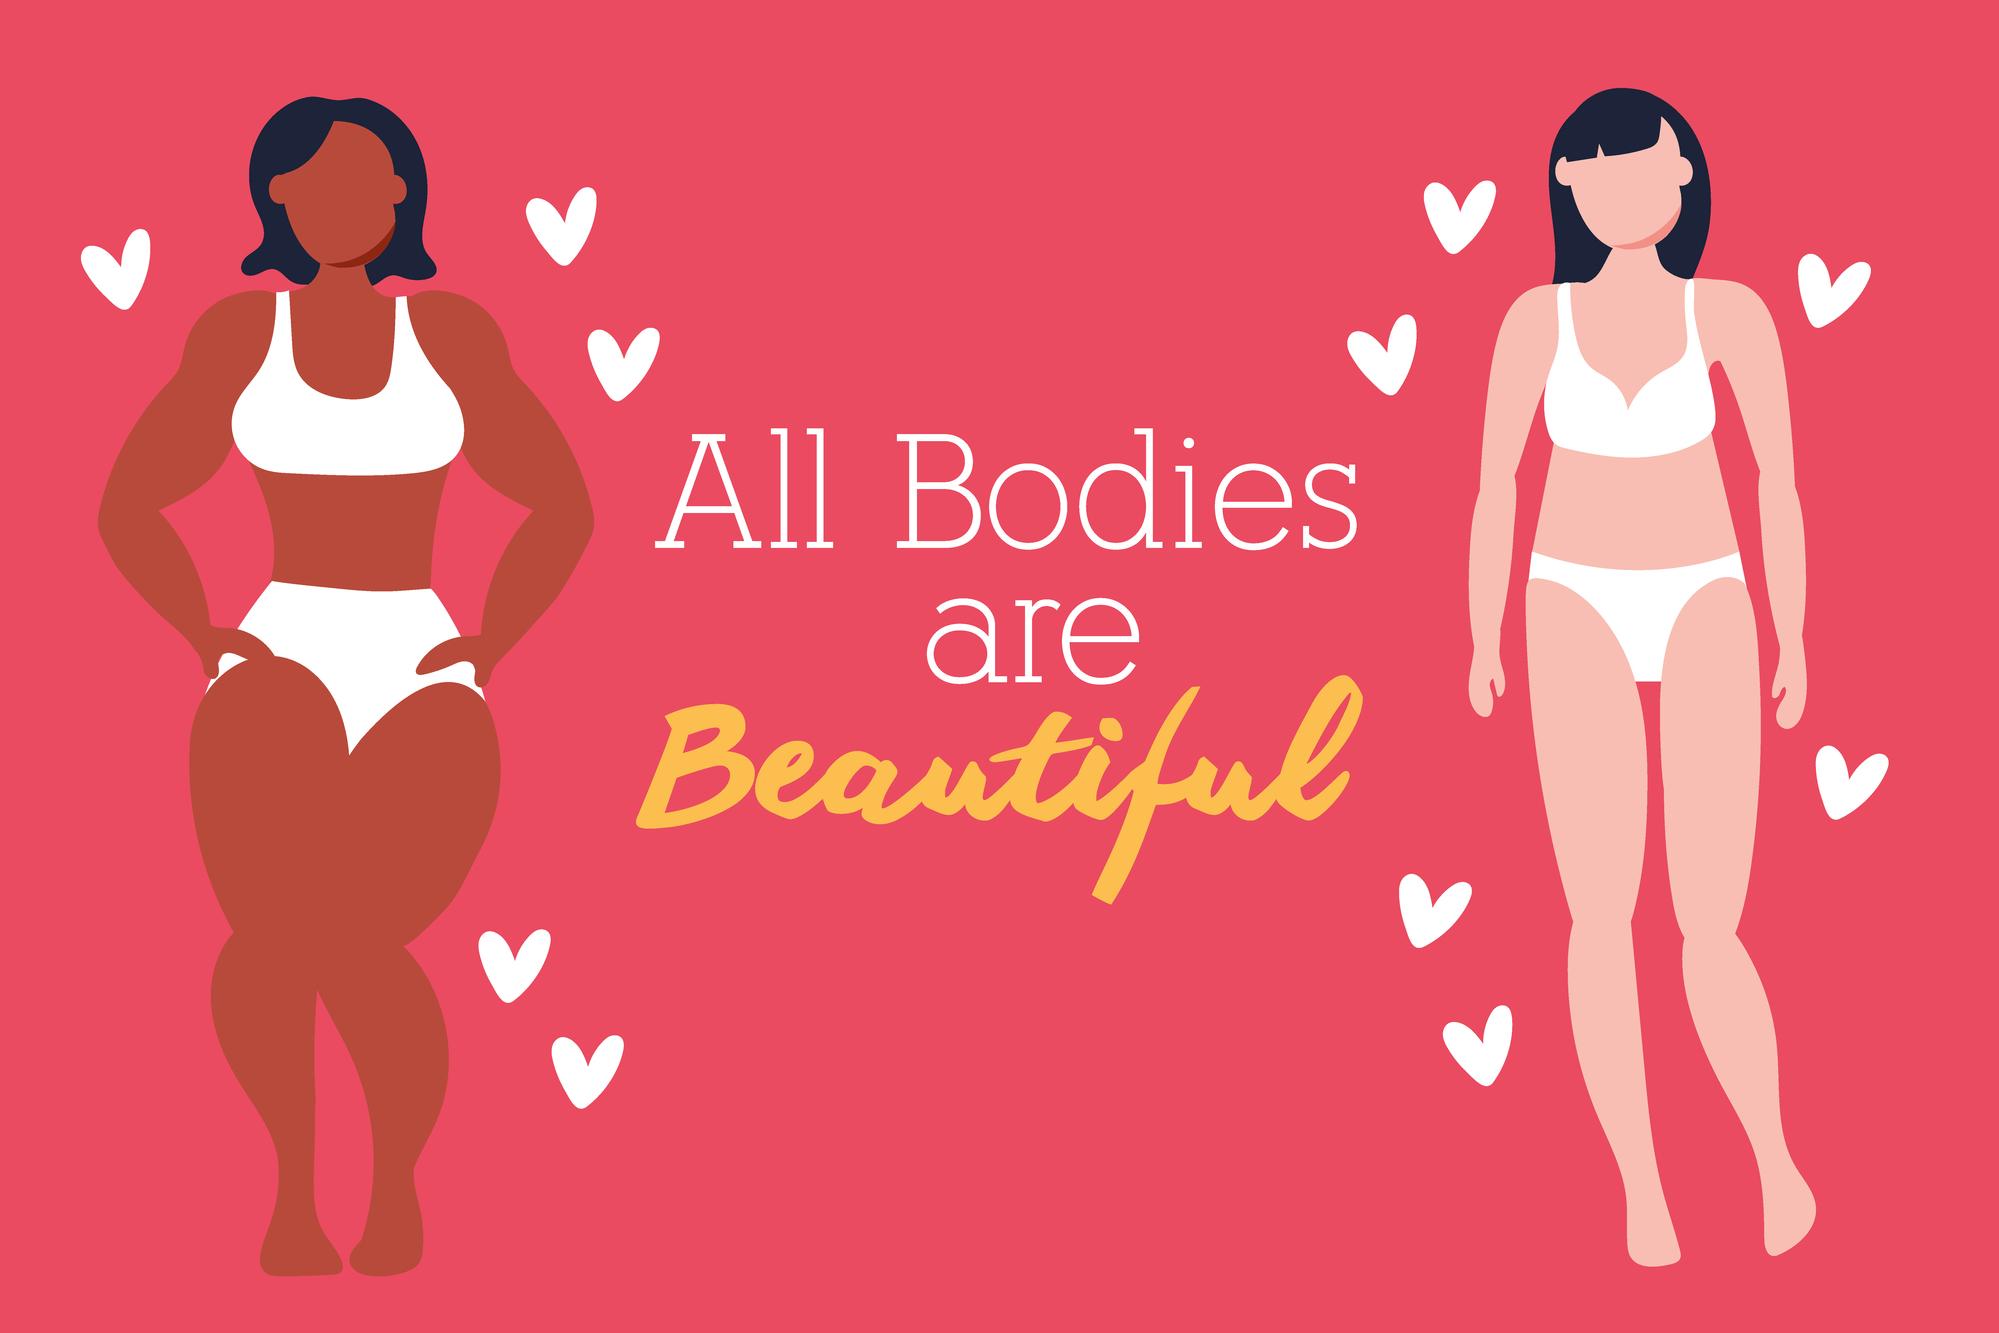 Αγάπησε το σώμα σου! - Angels World